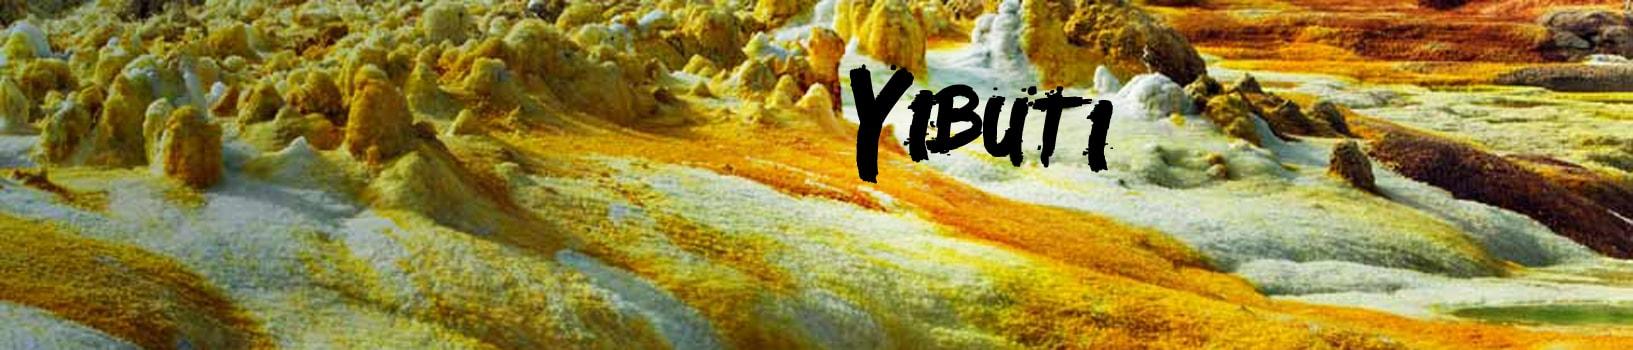 viaje Yibuti